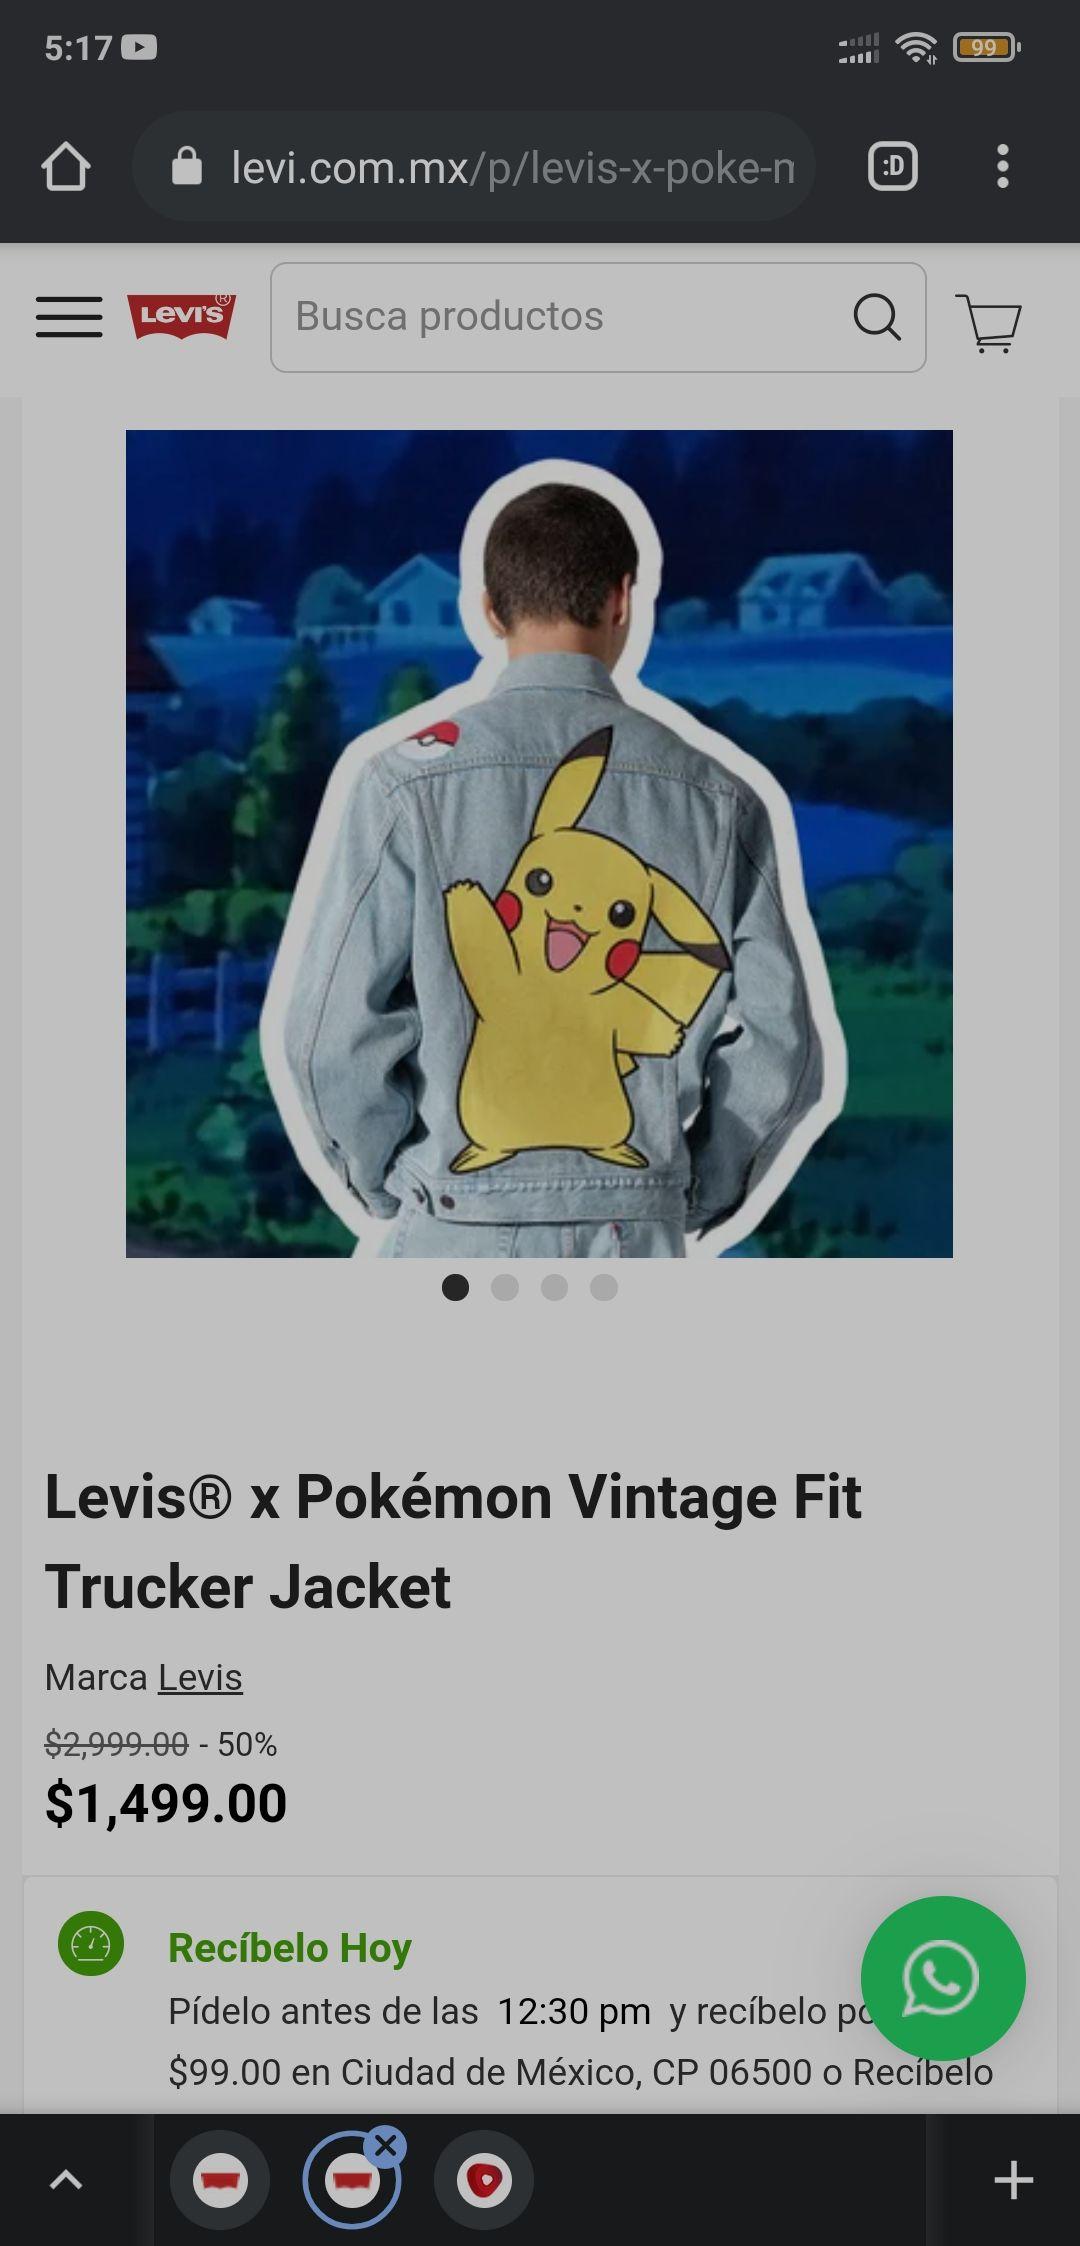 Levis® x Pokémon Vintage Fit Trucker Jacket